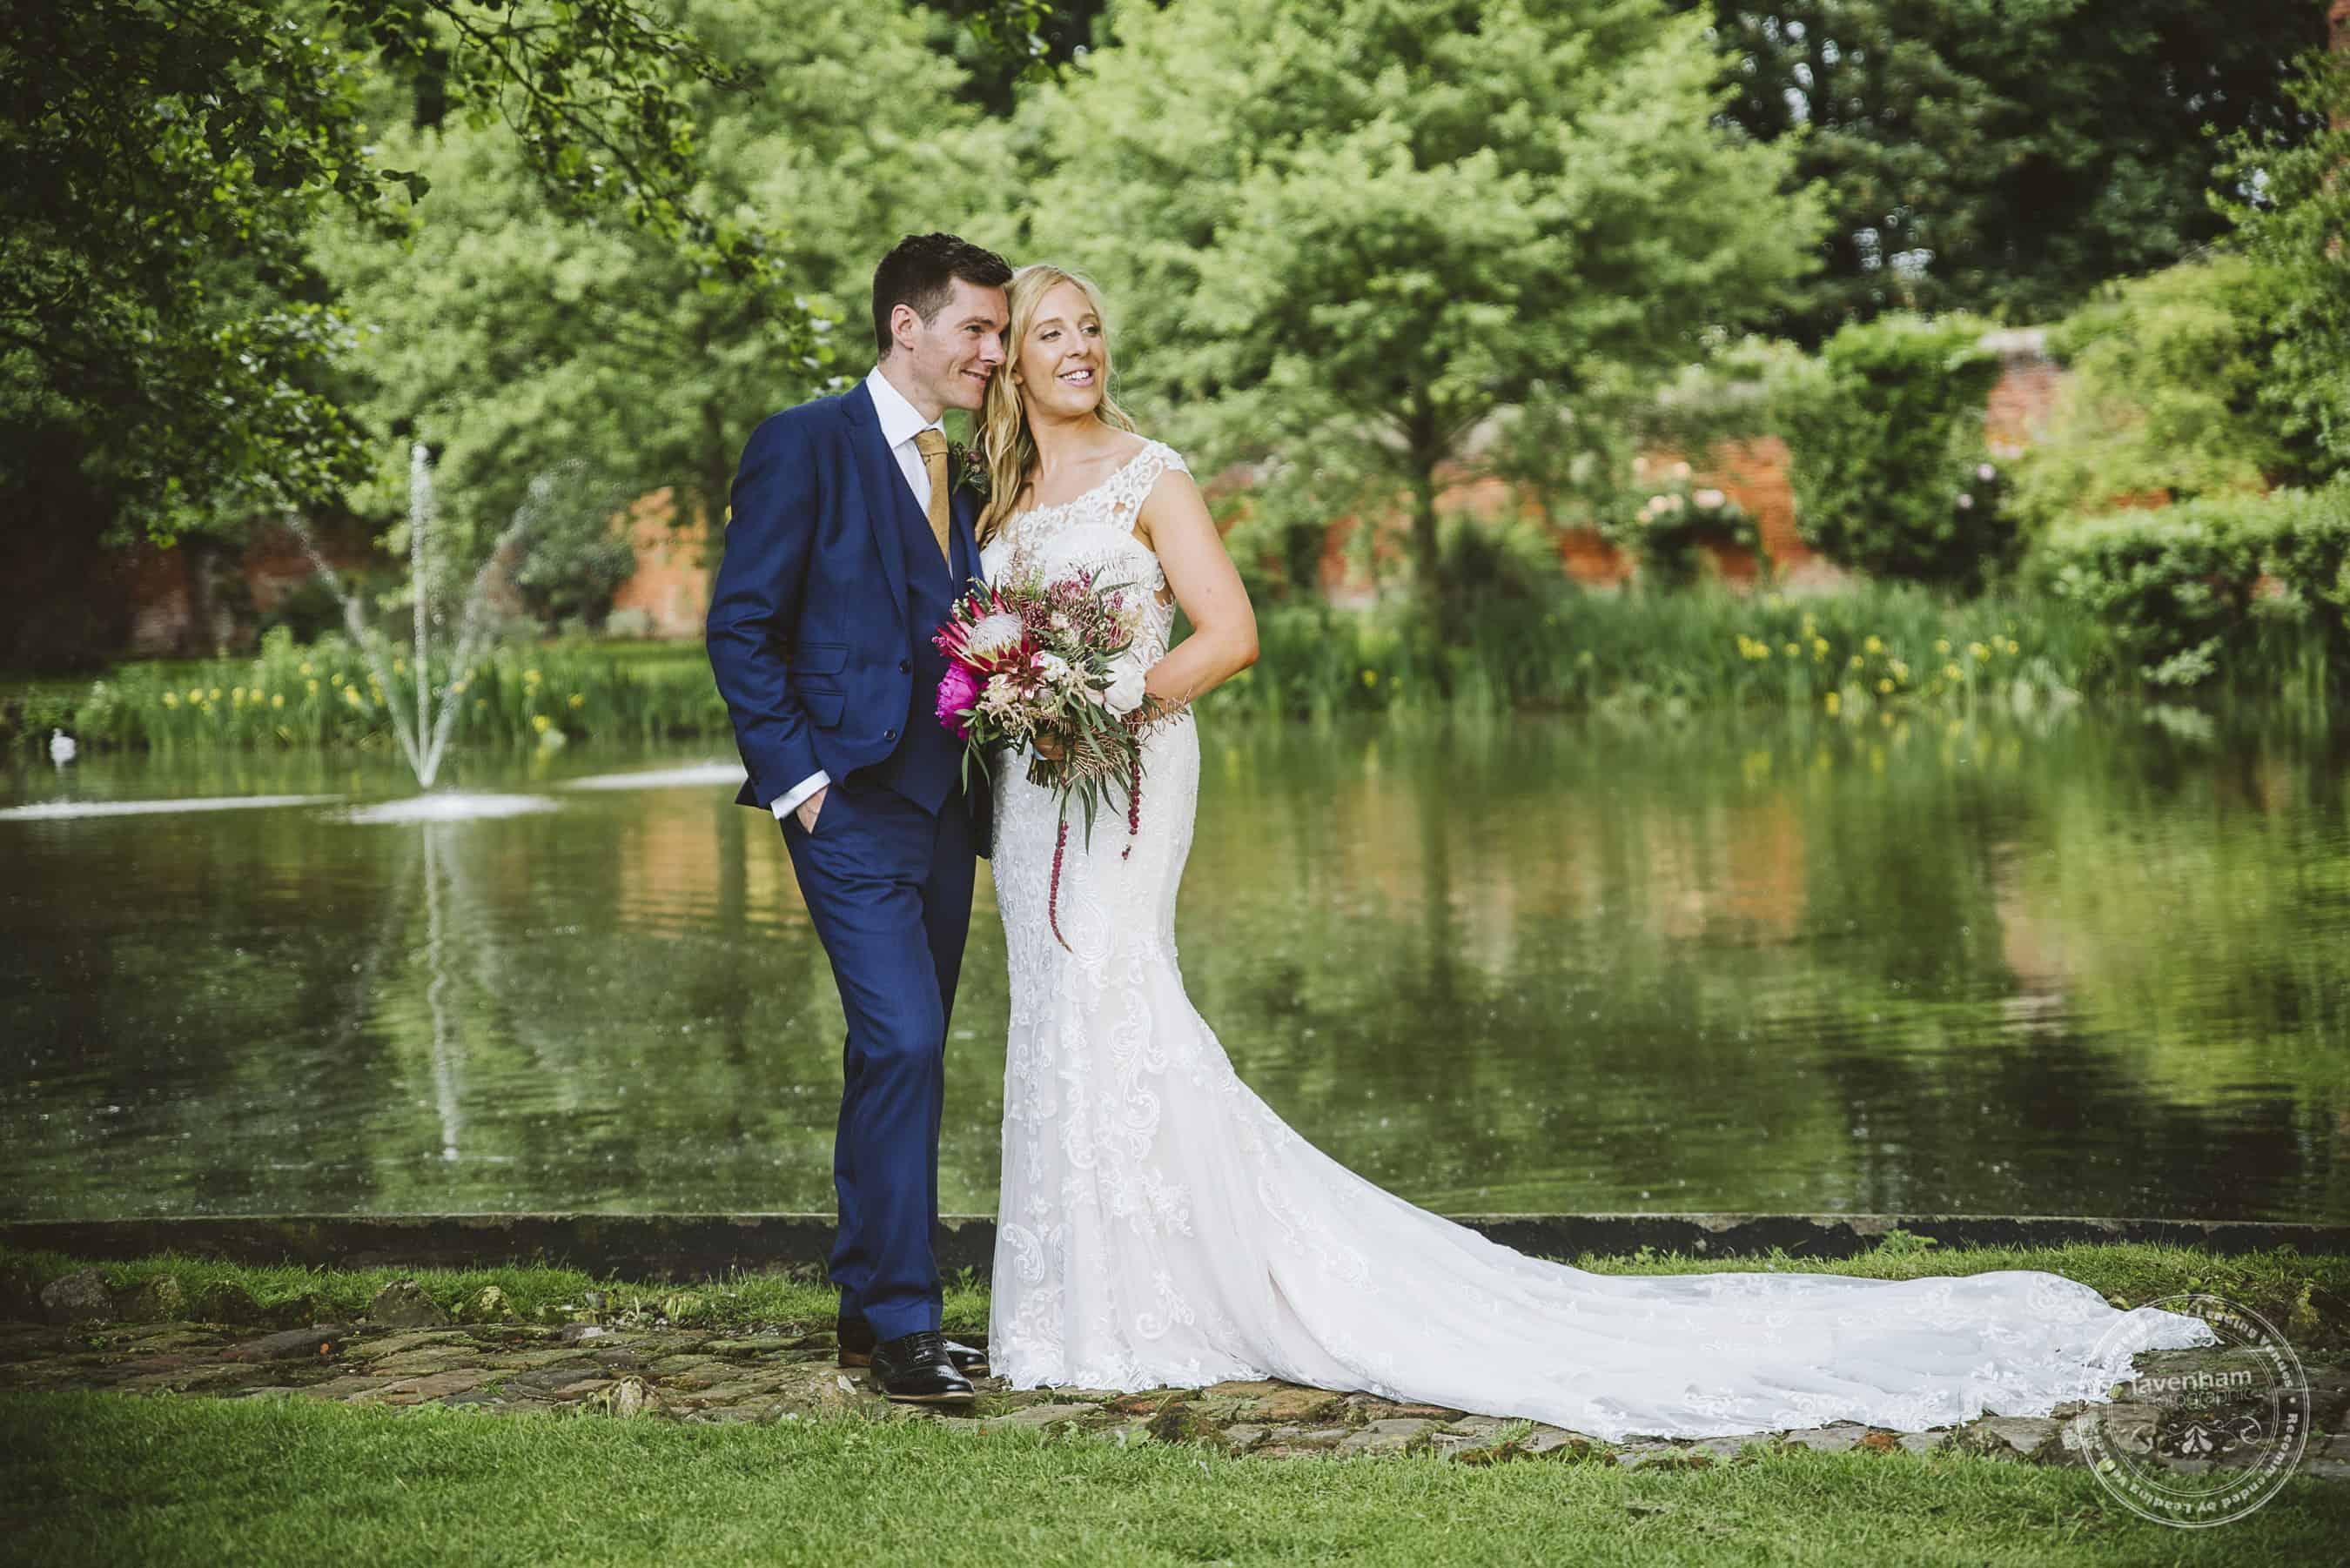 020618 Leez Priory Wedding Photography Lavenham Photographic 115